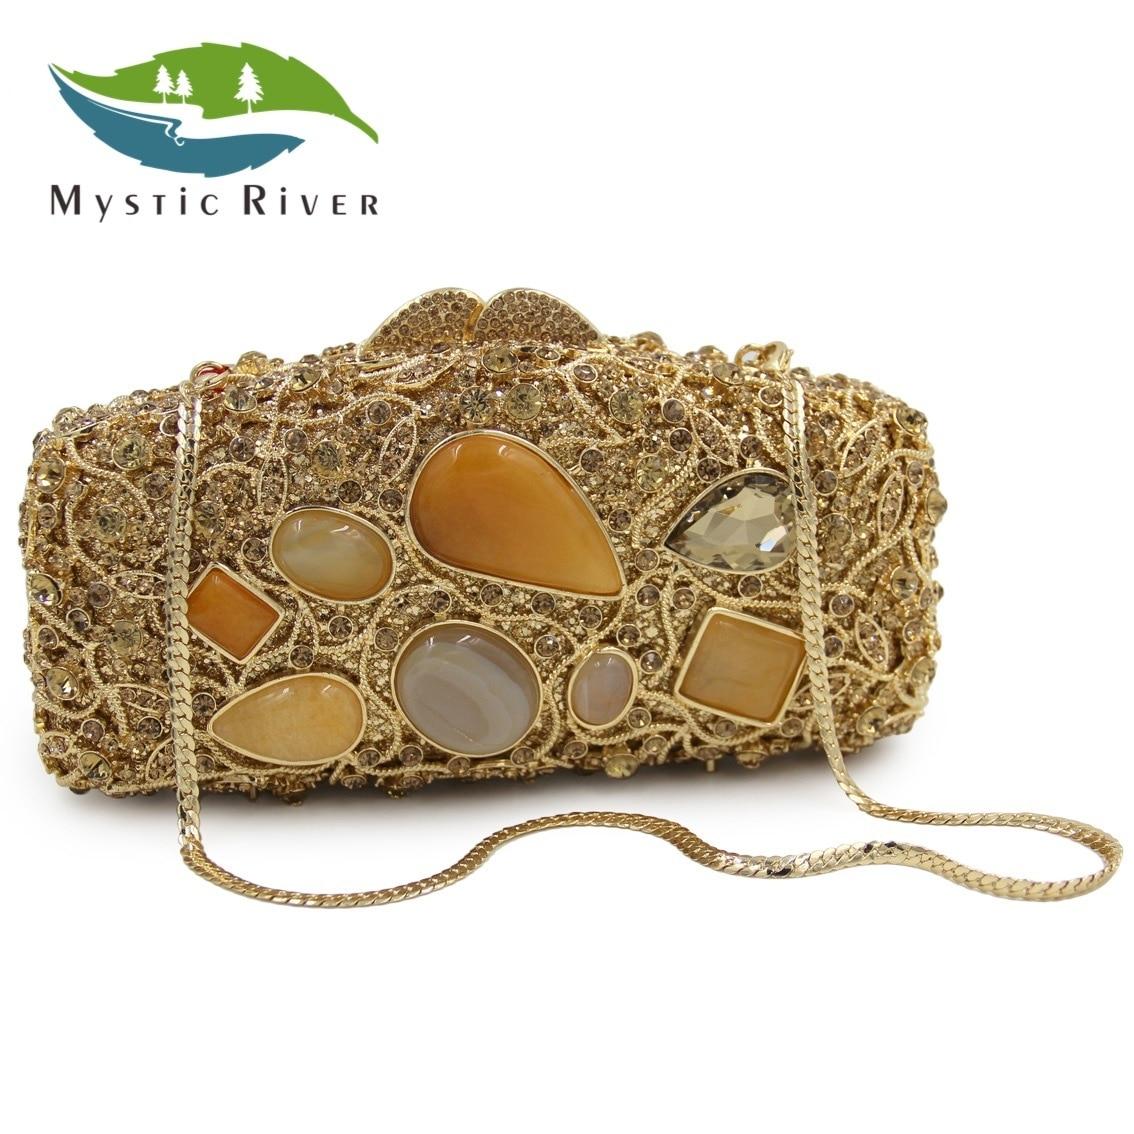 Mystic River Mujeres Diseñador Caja de Cristal de Ágata de Noche Bolsos de Fiest